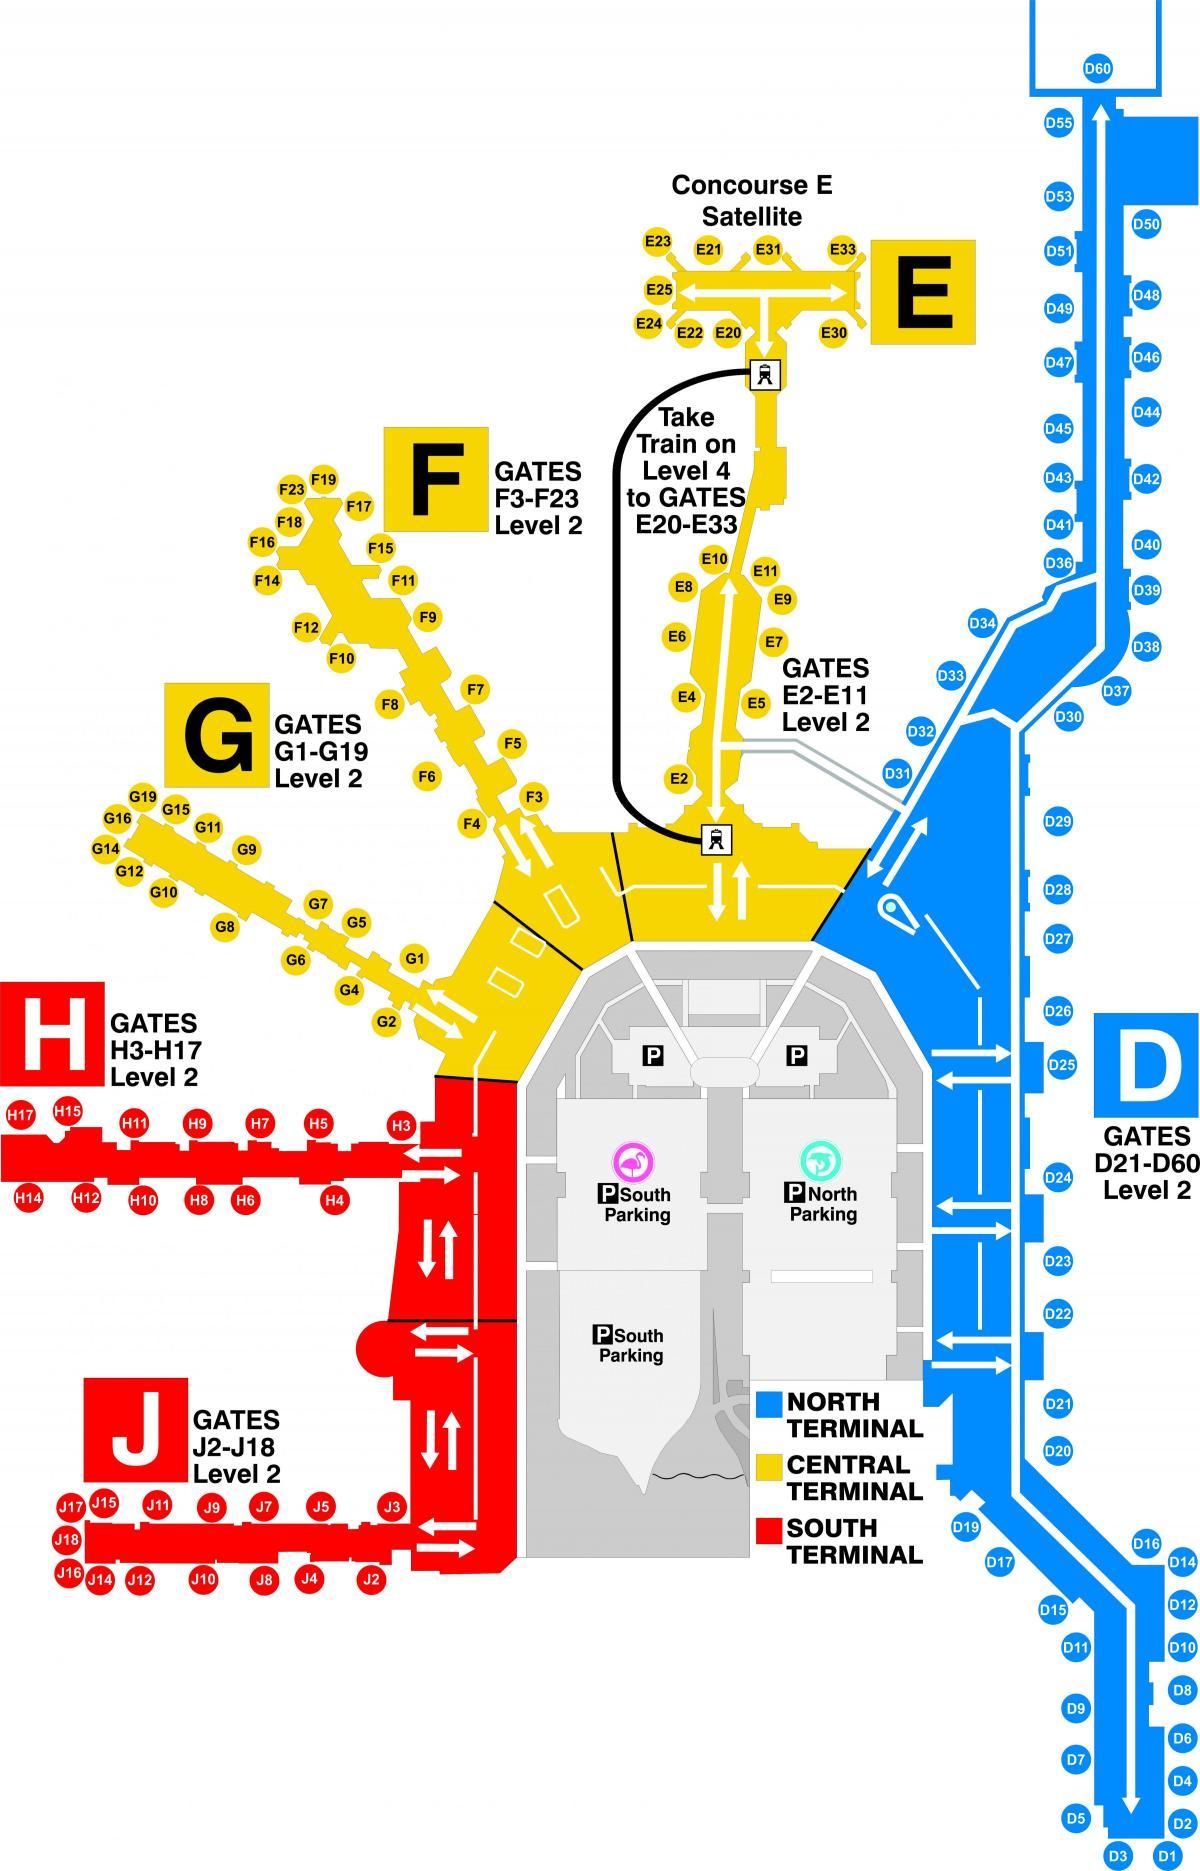 miami-terminal-karte - miami airport terminal map (florida